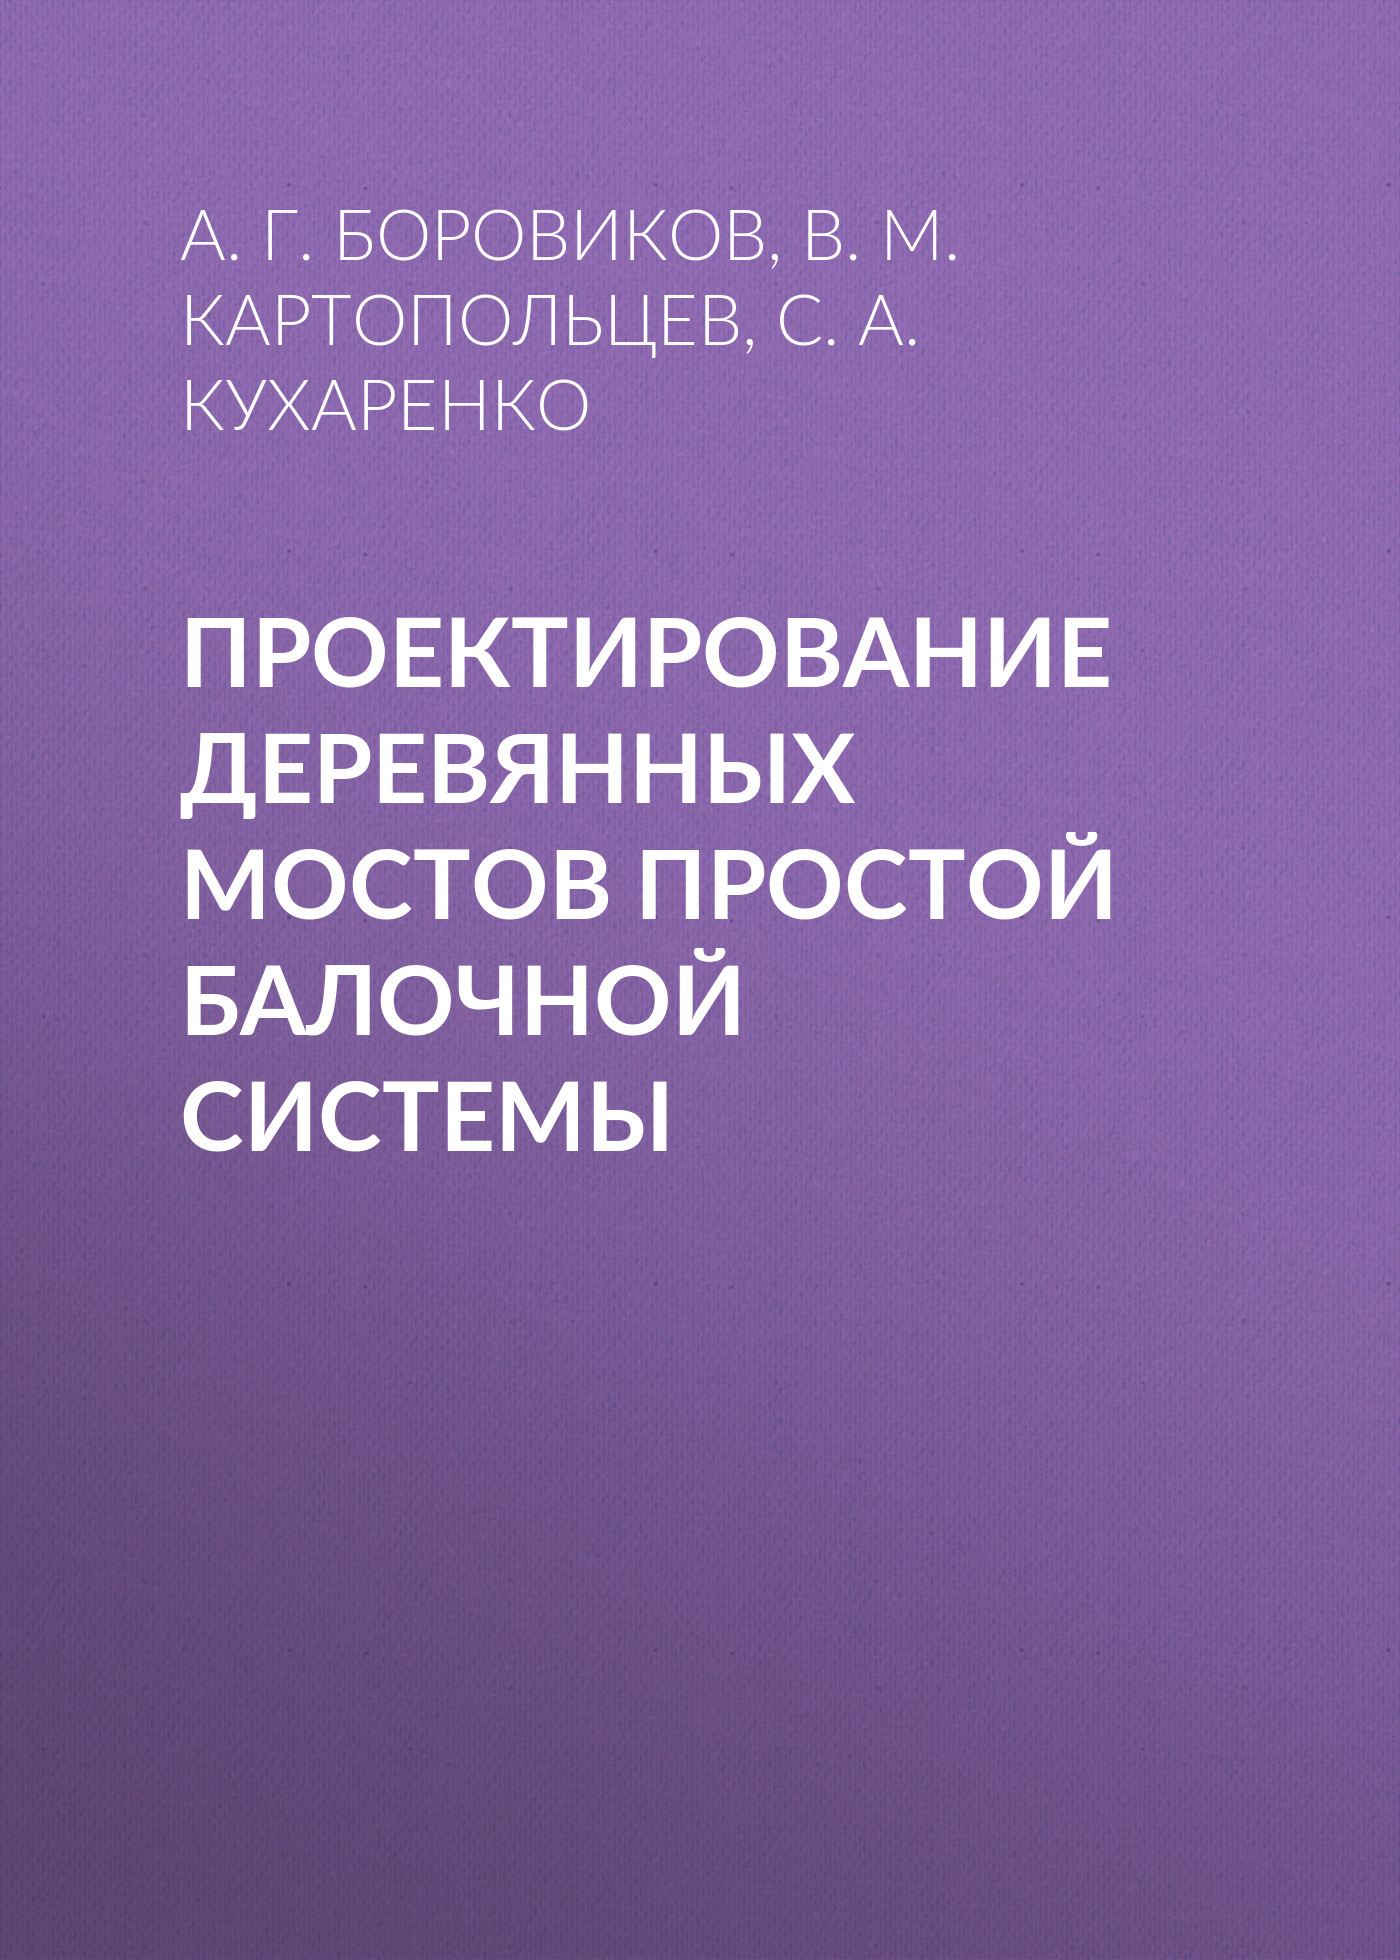 цена А. Г. Боровиков Проектирование деревянных мостов простой балочной системы